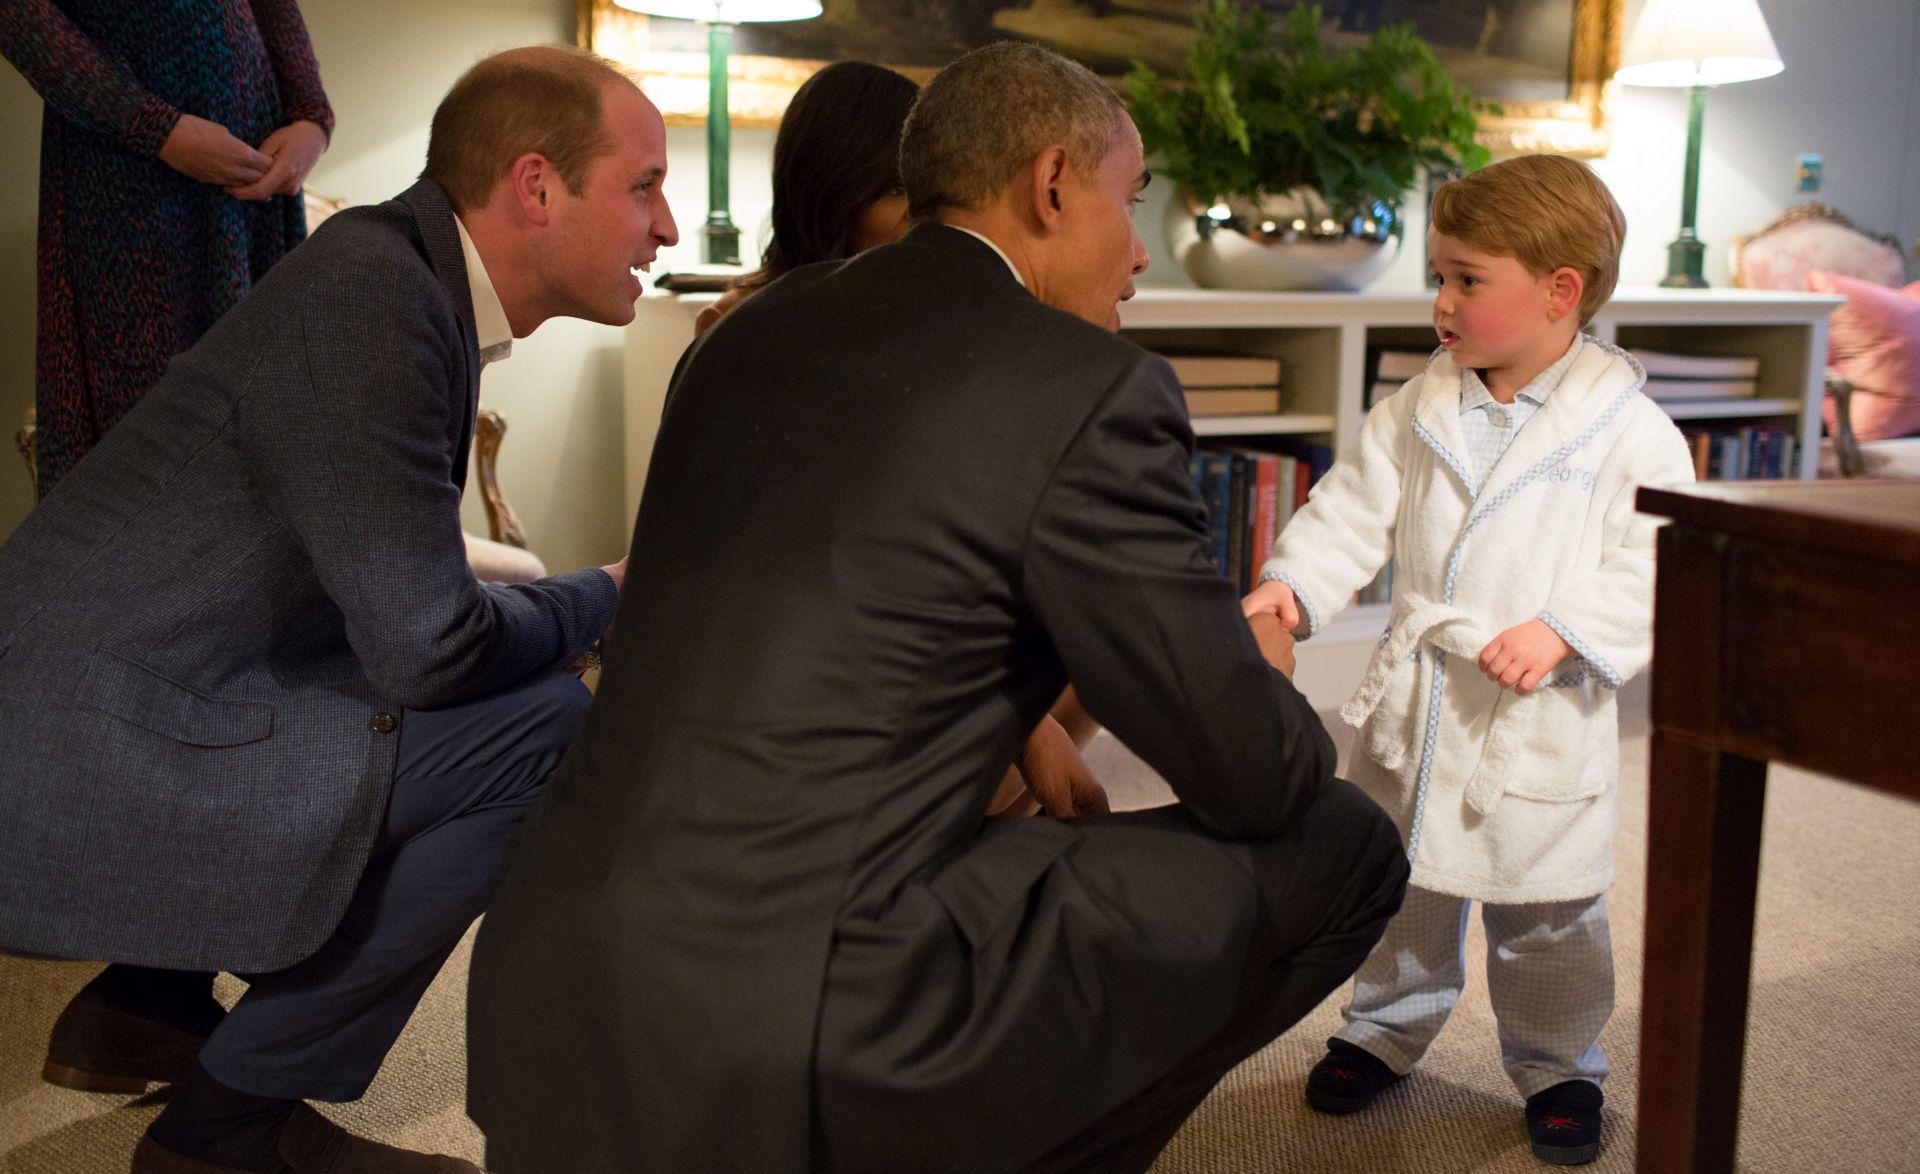 FOTO: PRINC GEORGE OSVAJA SVIJET U pidžami i kućnom ogrtaču upoznao se s američkim predsjednikom